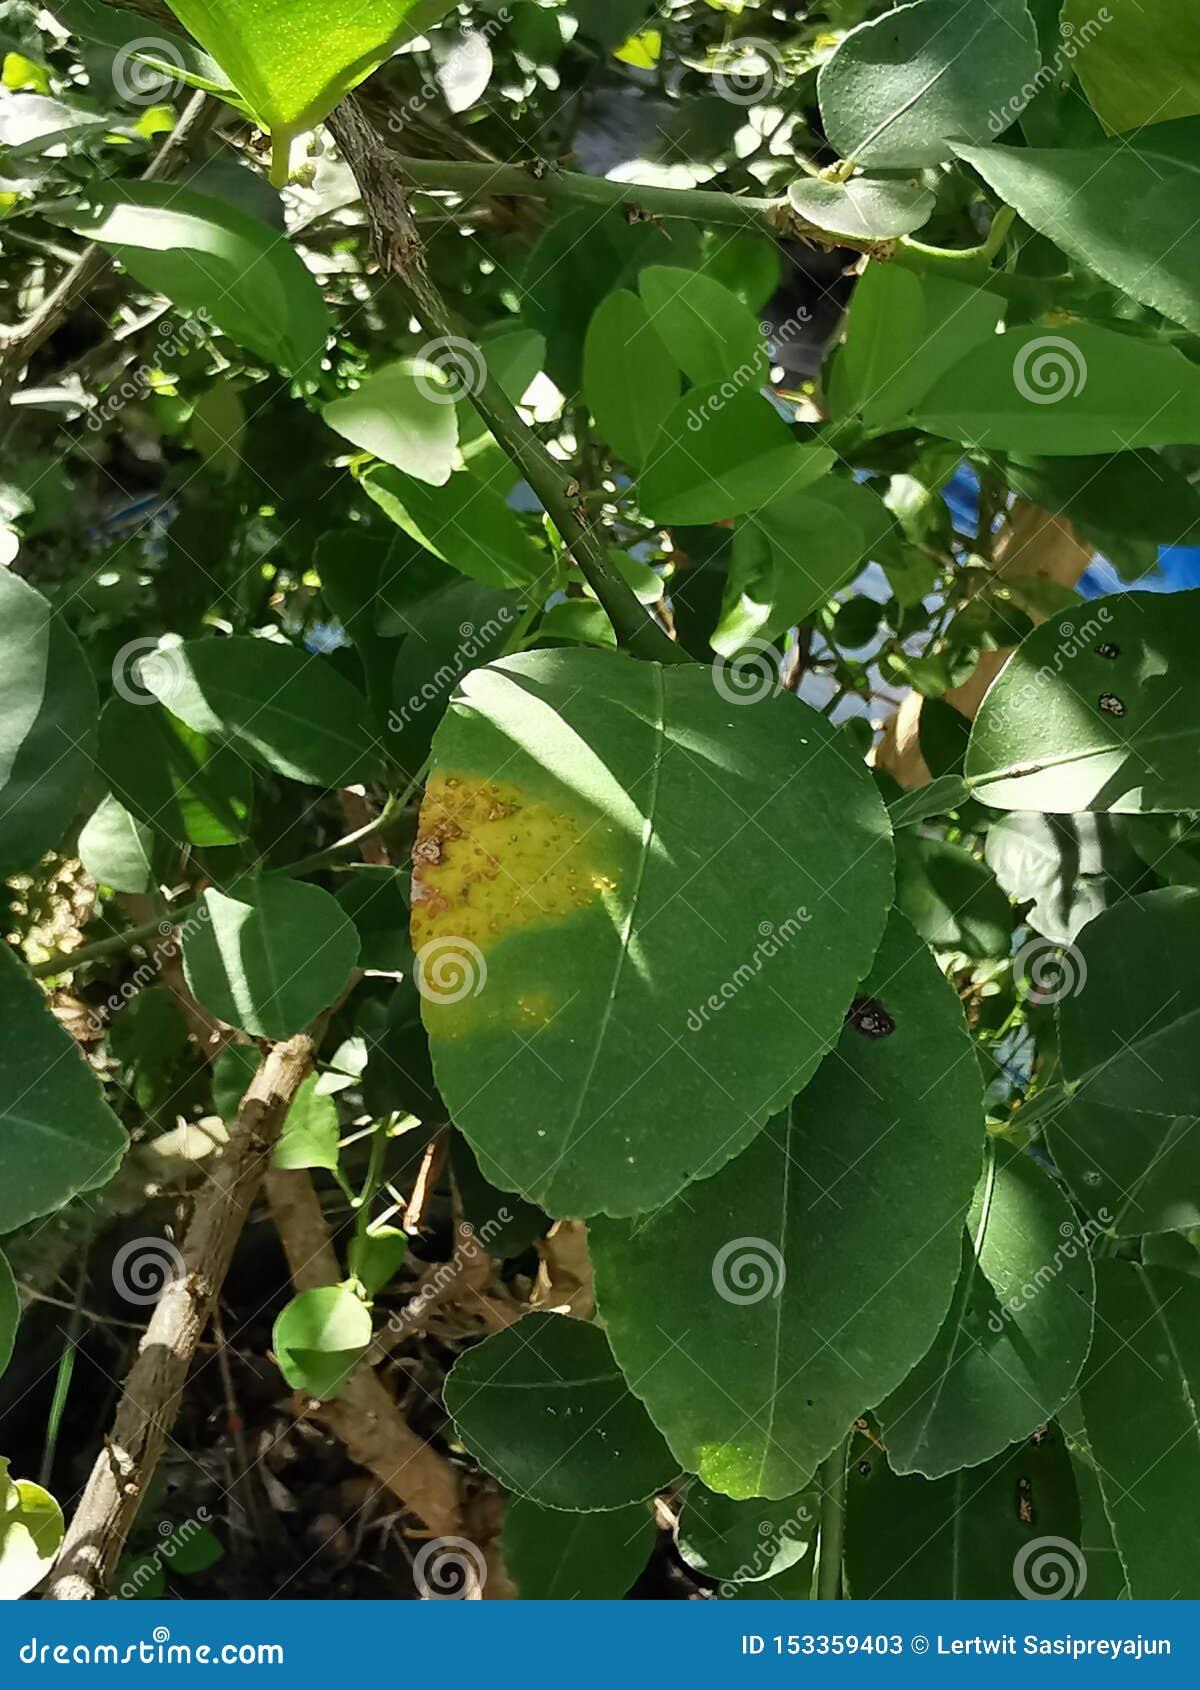 Úlcera do citrino em causas do citrino pelas bactérias